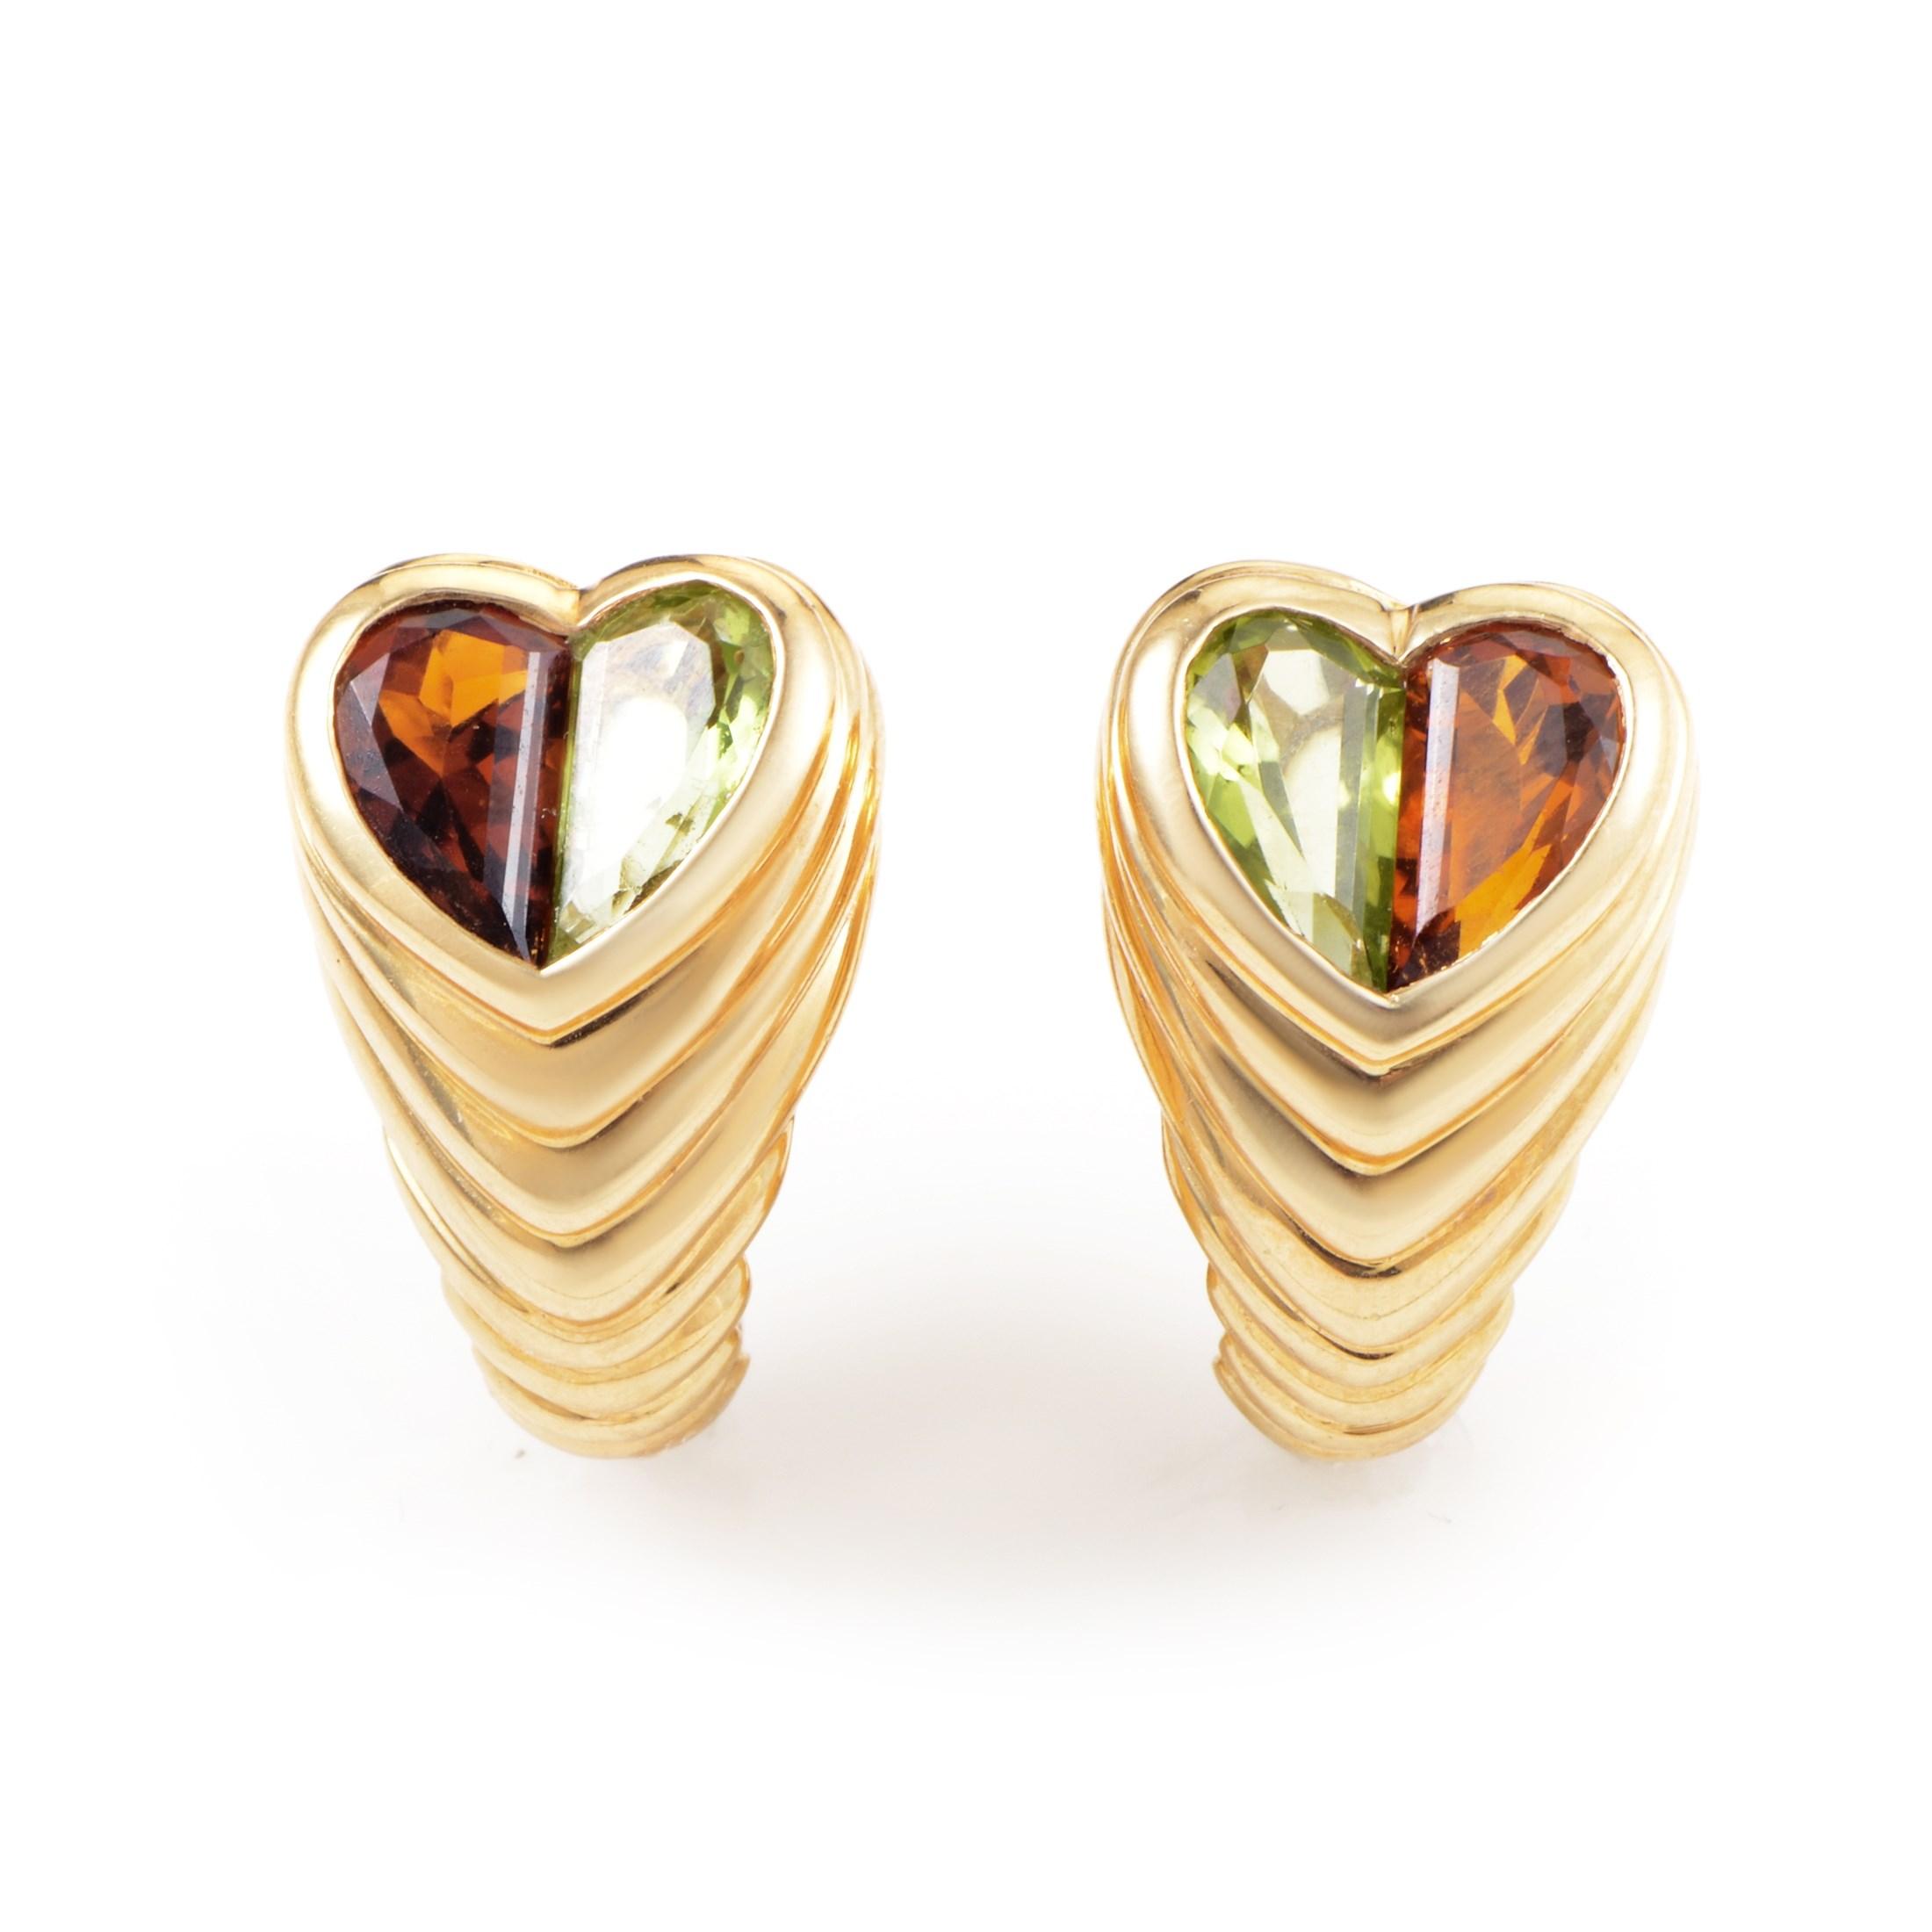 Bvlgari Doppio Women's 18K Yellow Gold Citrine & Peridot Heart Earrings